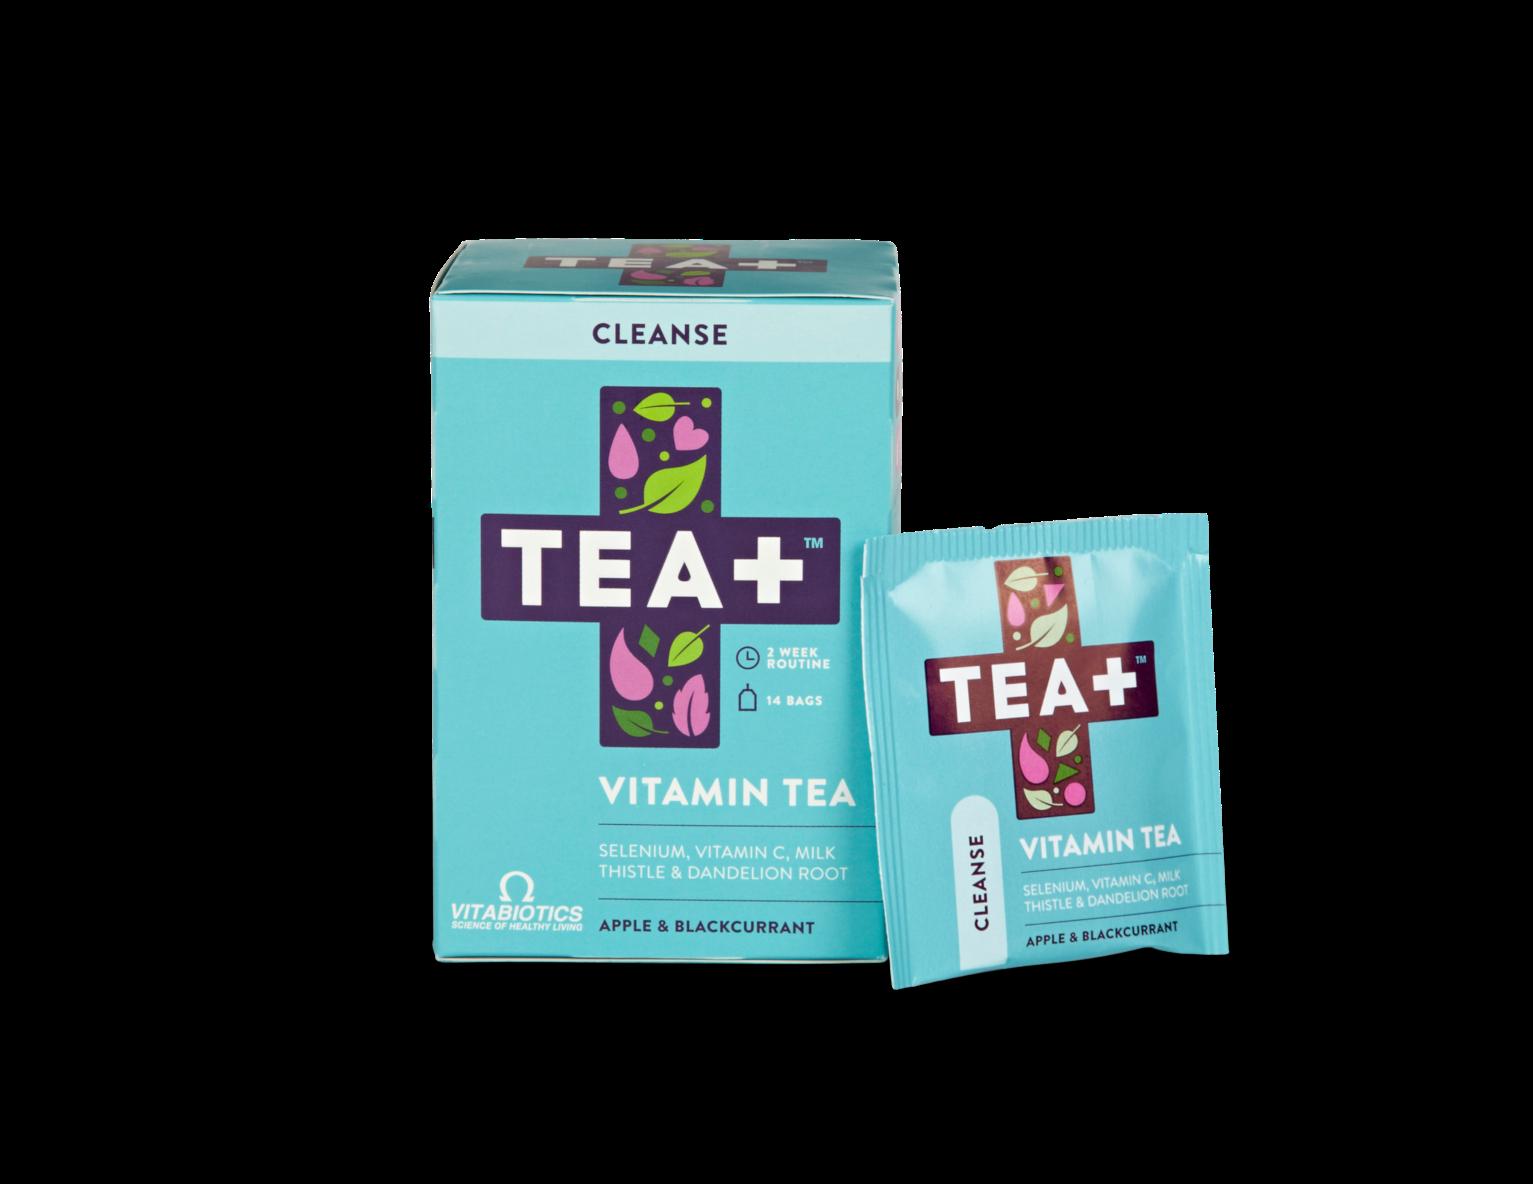 Tea+ Vitamin Tea Cleanse Apple & Blackcurrant